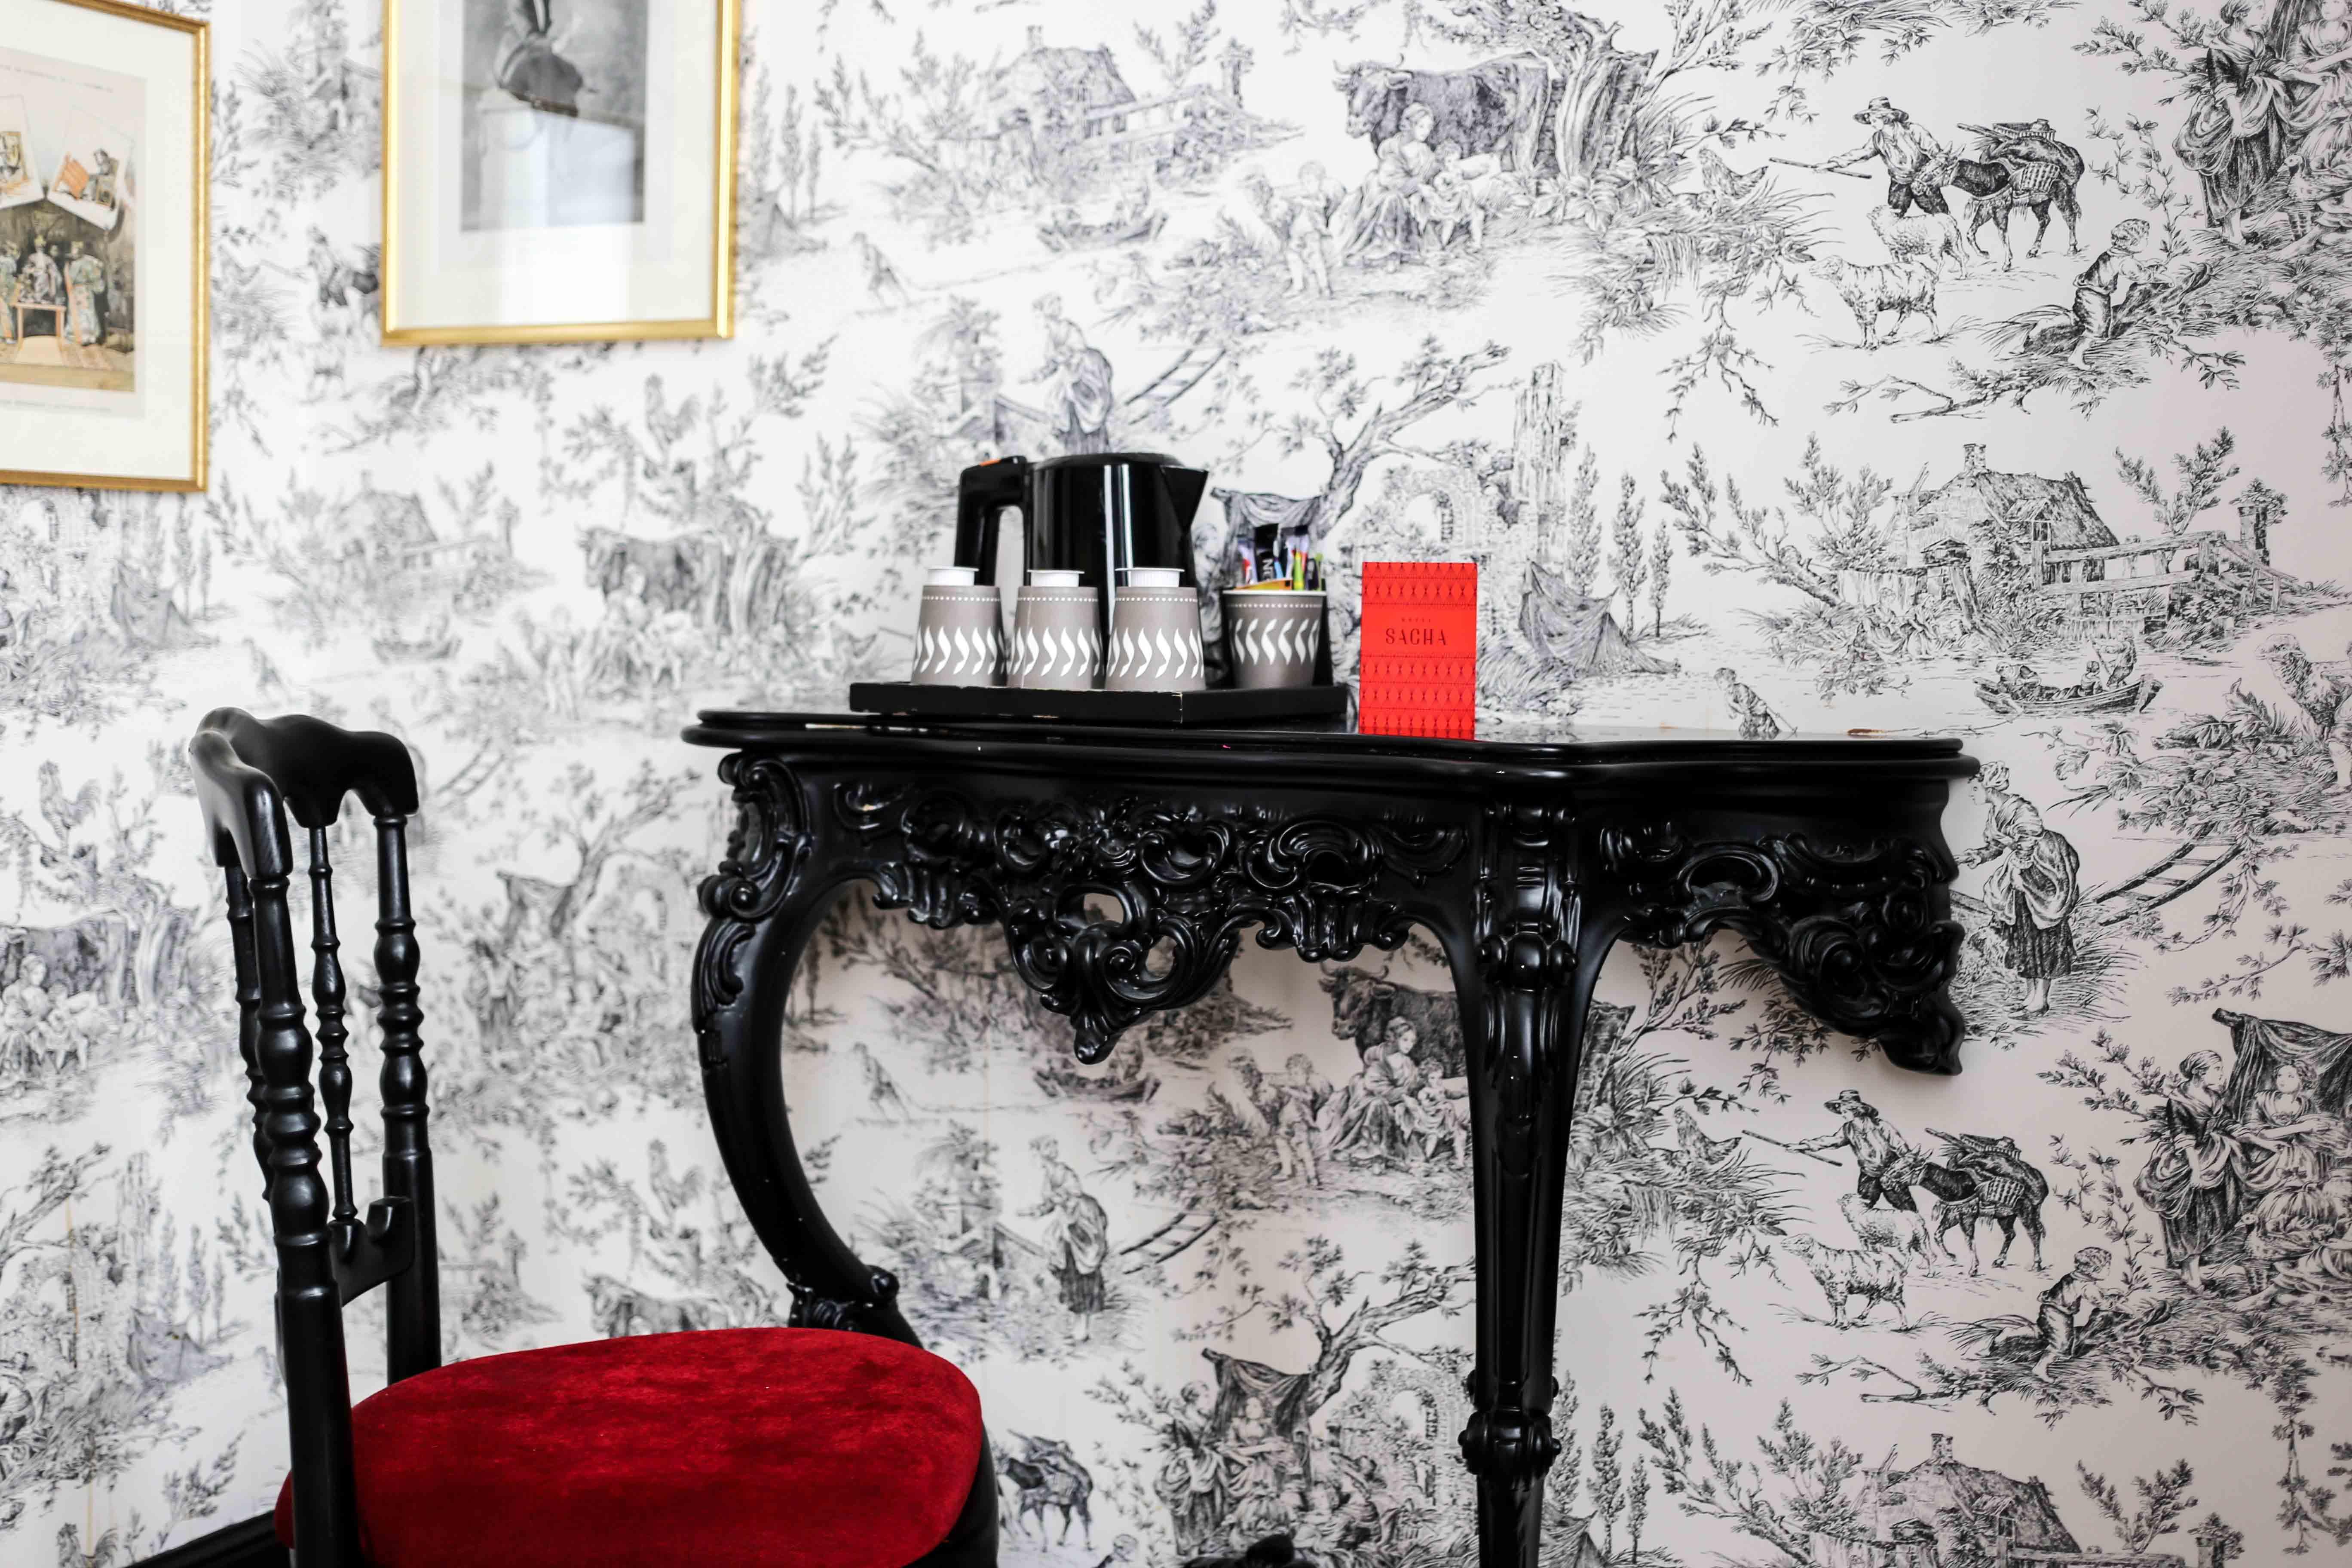 hotel-sacha-happy-culture-montmartre-paris-3-sterne-empfehlung-review-reiseblog-travelblog-blogger_1364